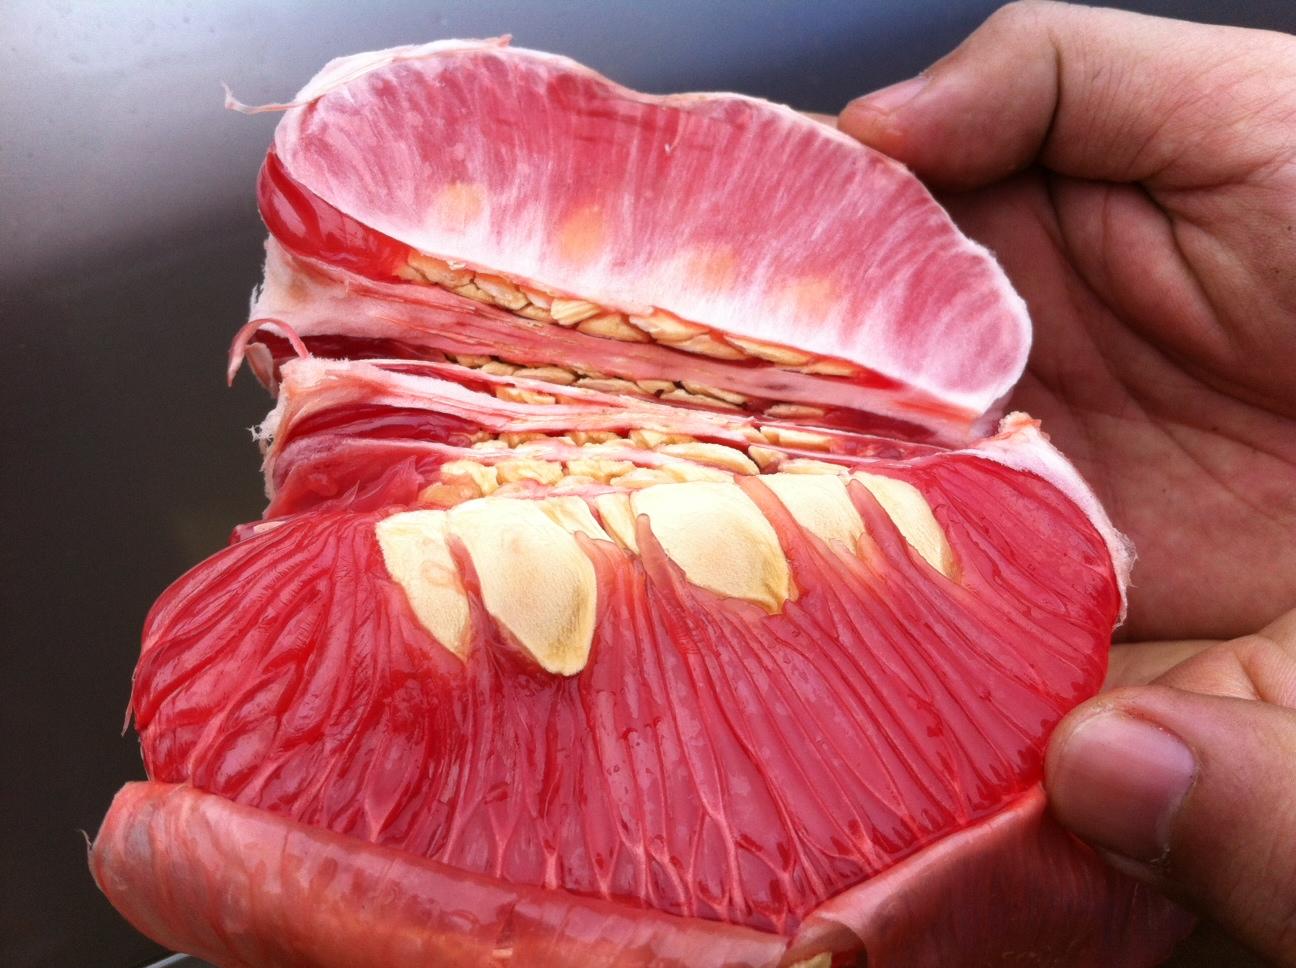 Bệnh tiểu đường ăn hoa quả gì là tốt nhất?